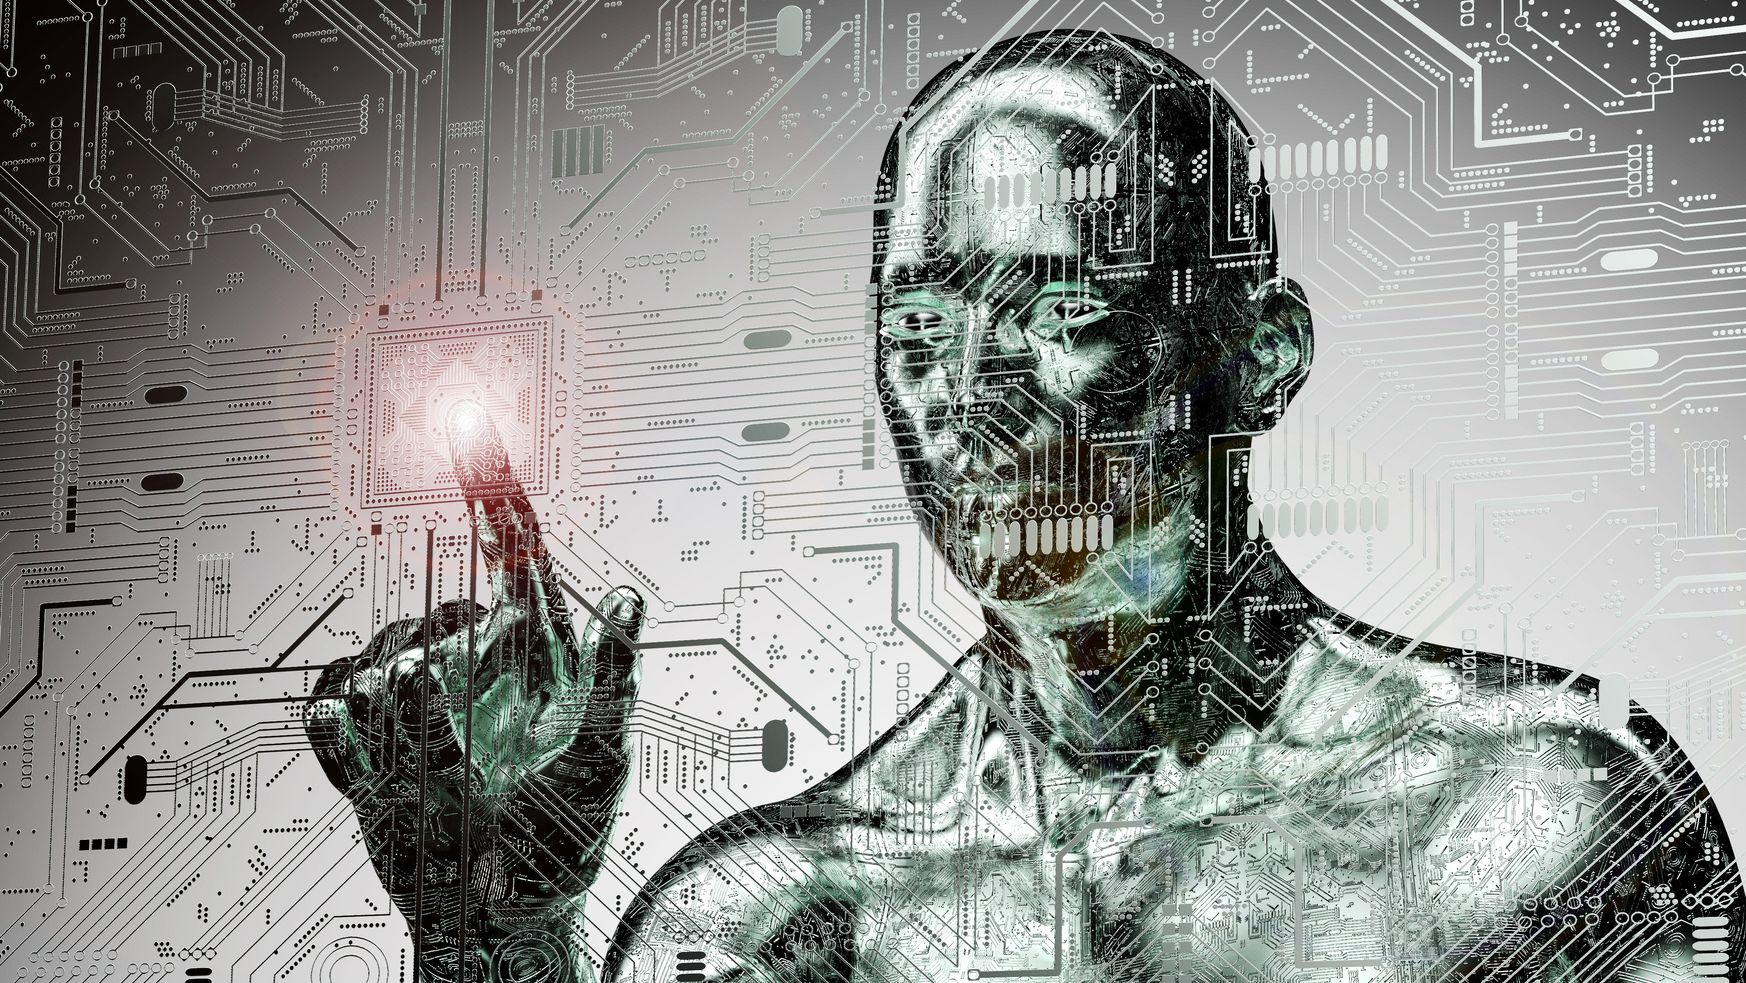 Künstliche Intelligenz: 5 Schlüsselfaktoren beim Einsatz von KI im Unternehmen